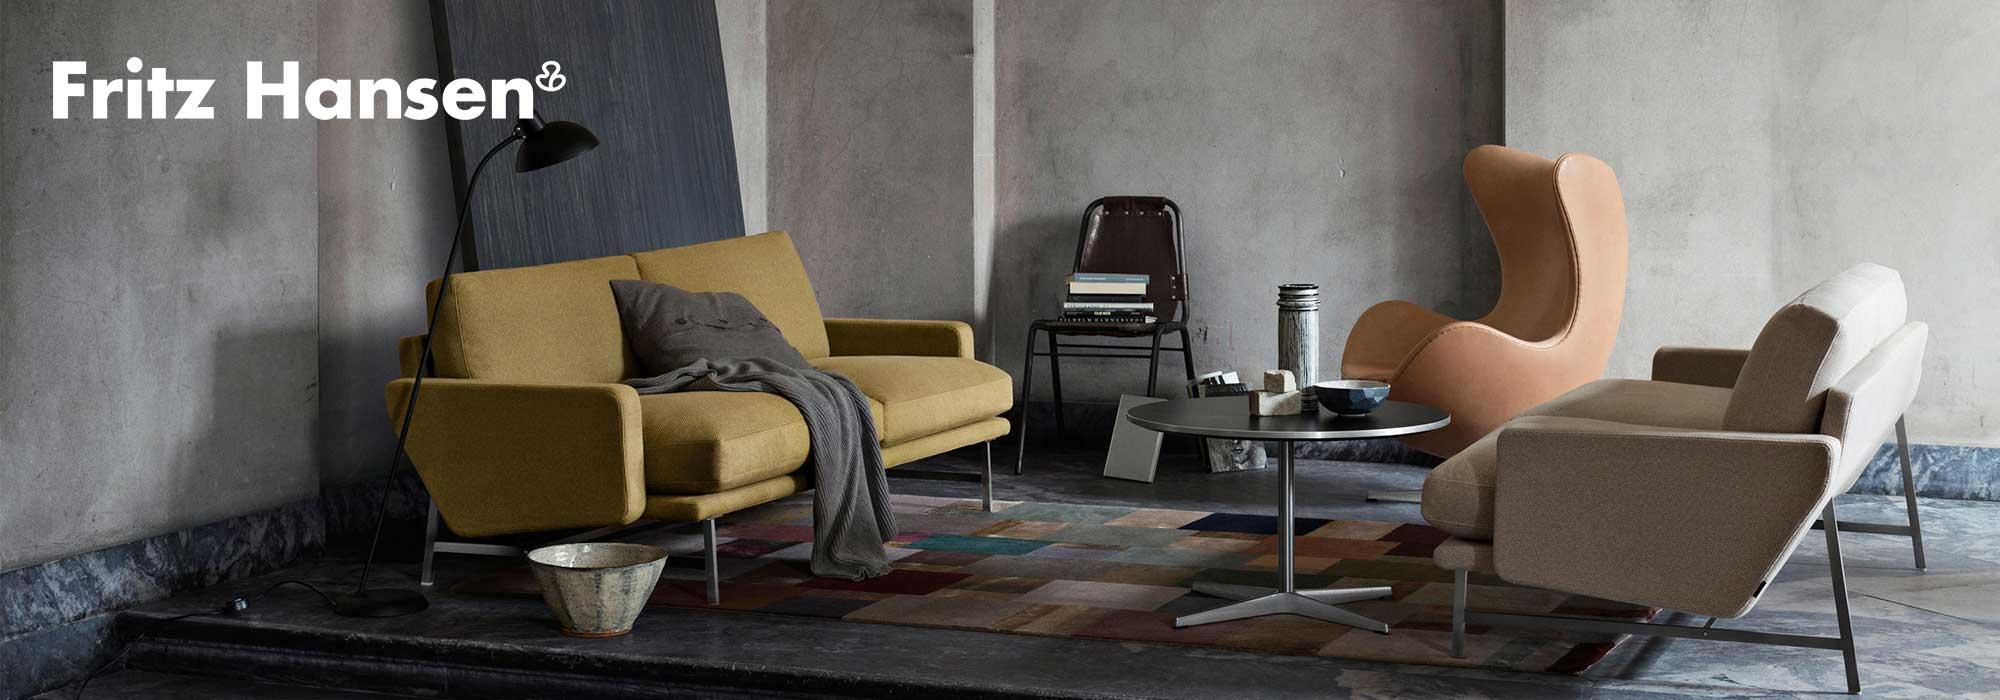 Fritz Hansen Brand At Think Furniture